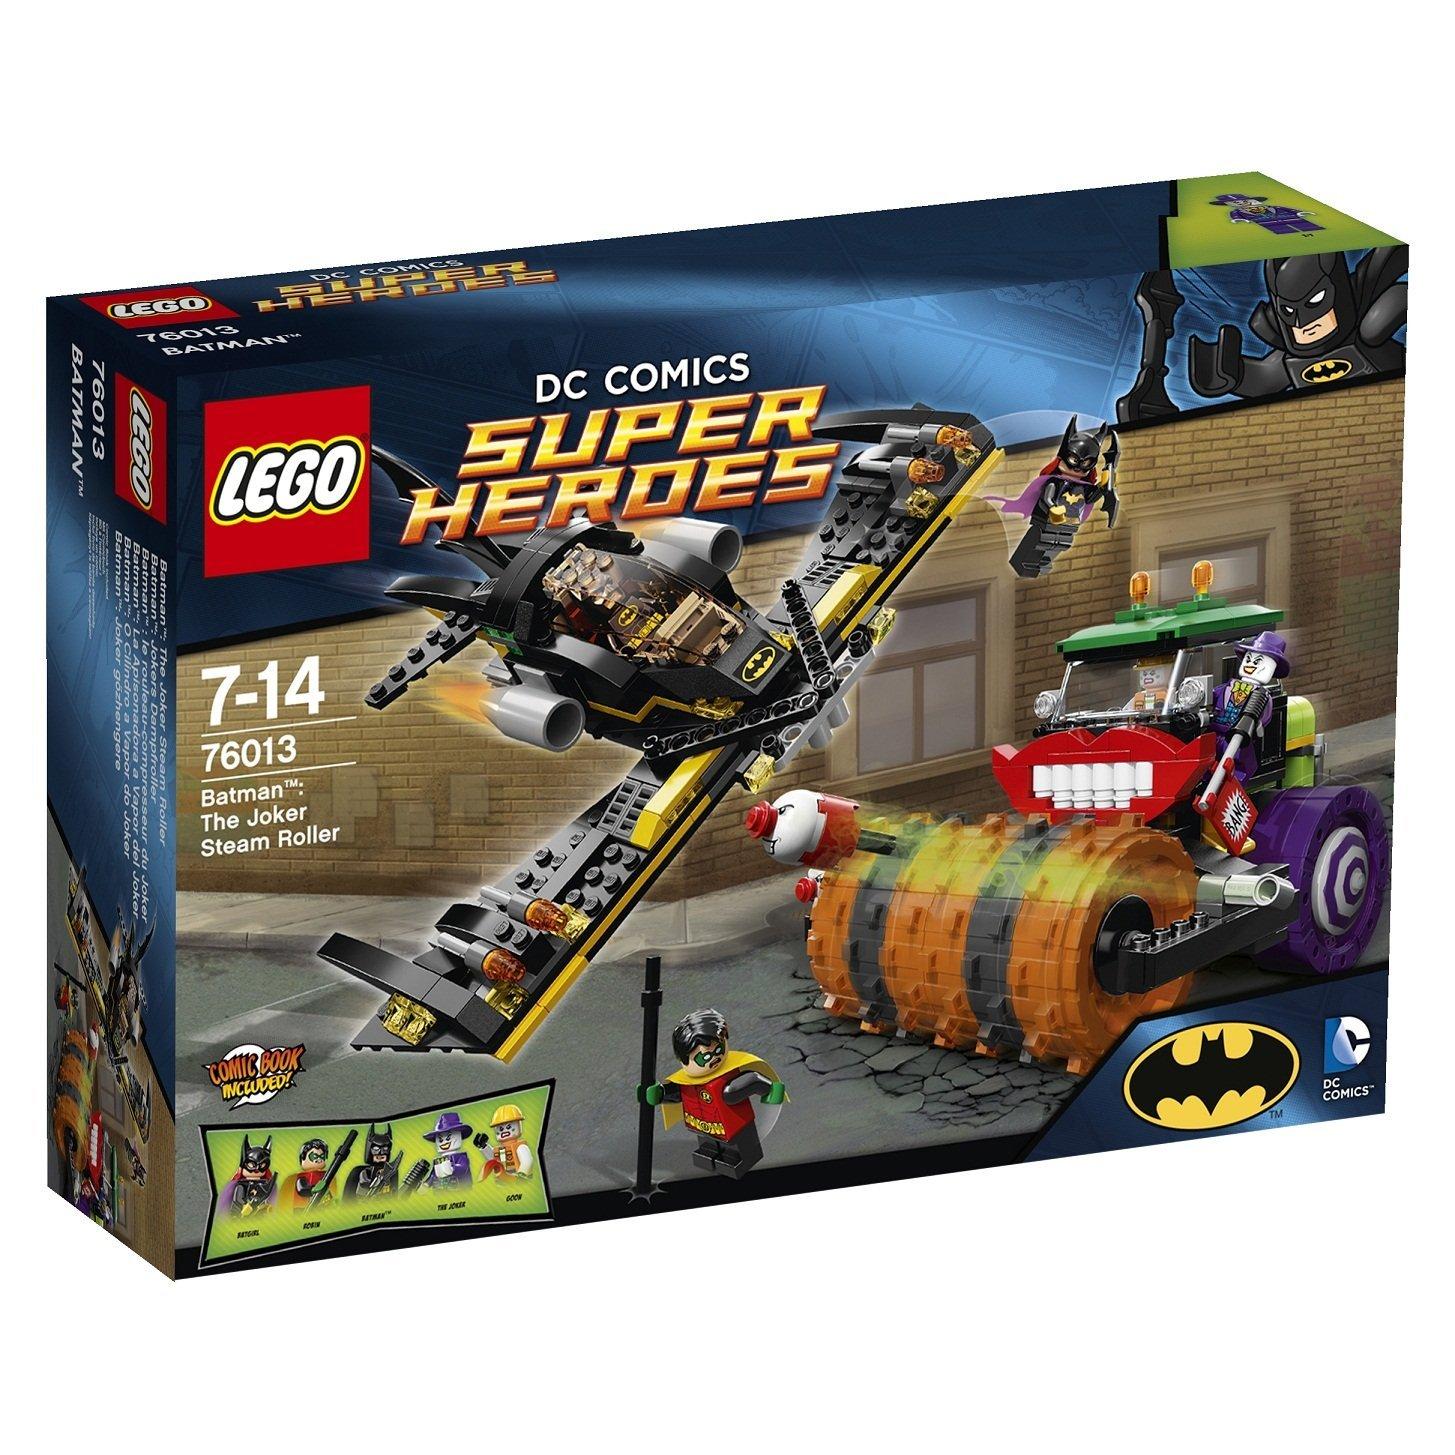 76013 Batman: The Joker Steam Roller